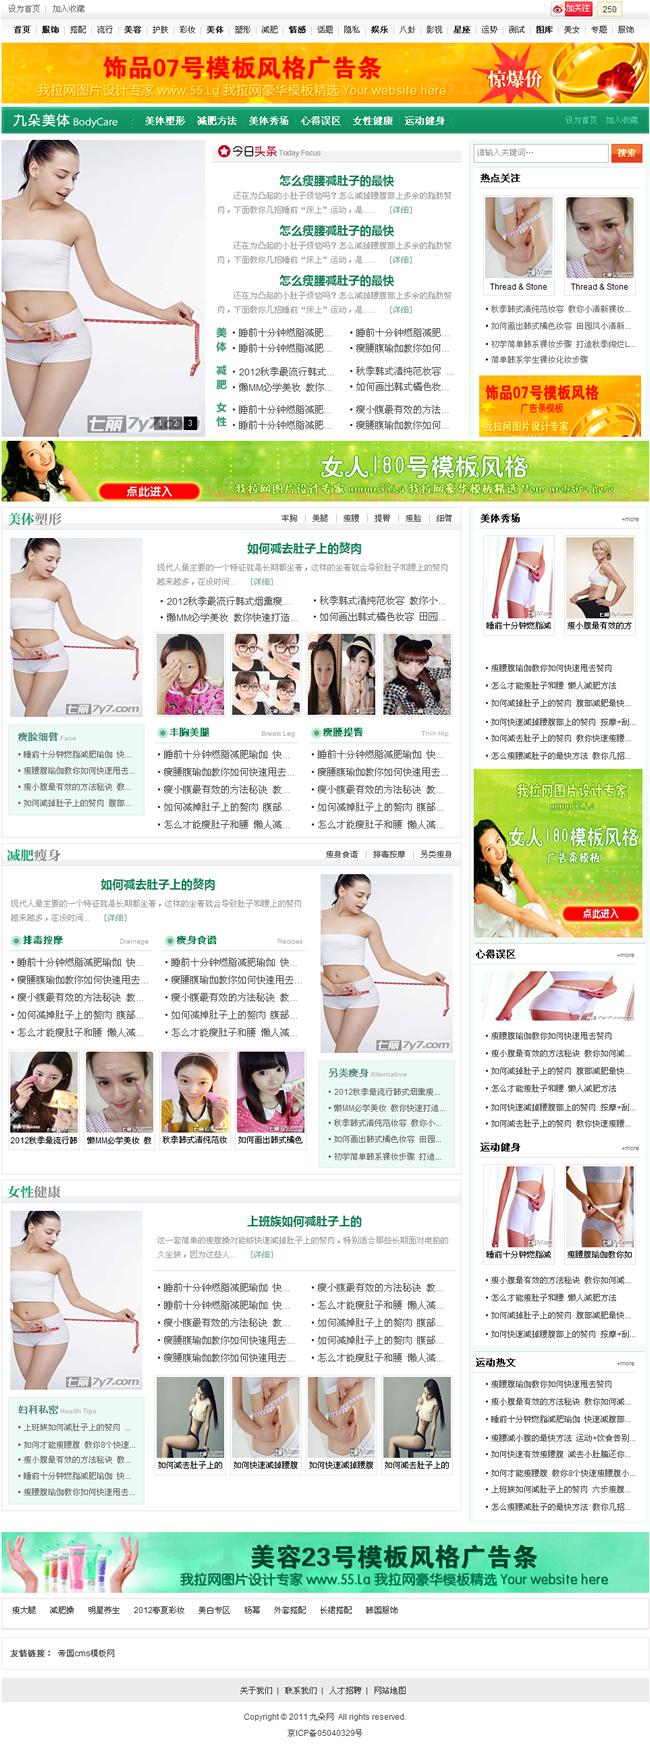 帝国cms大型女性女人门户网站程序源码模板_美体频道